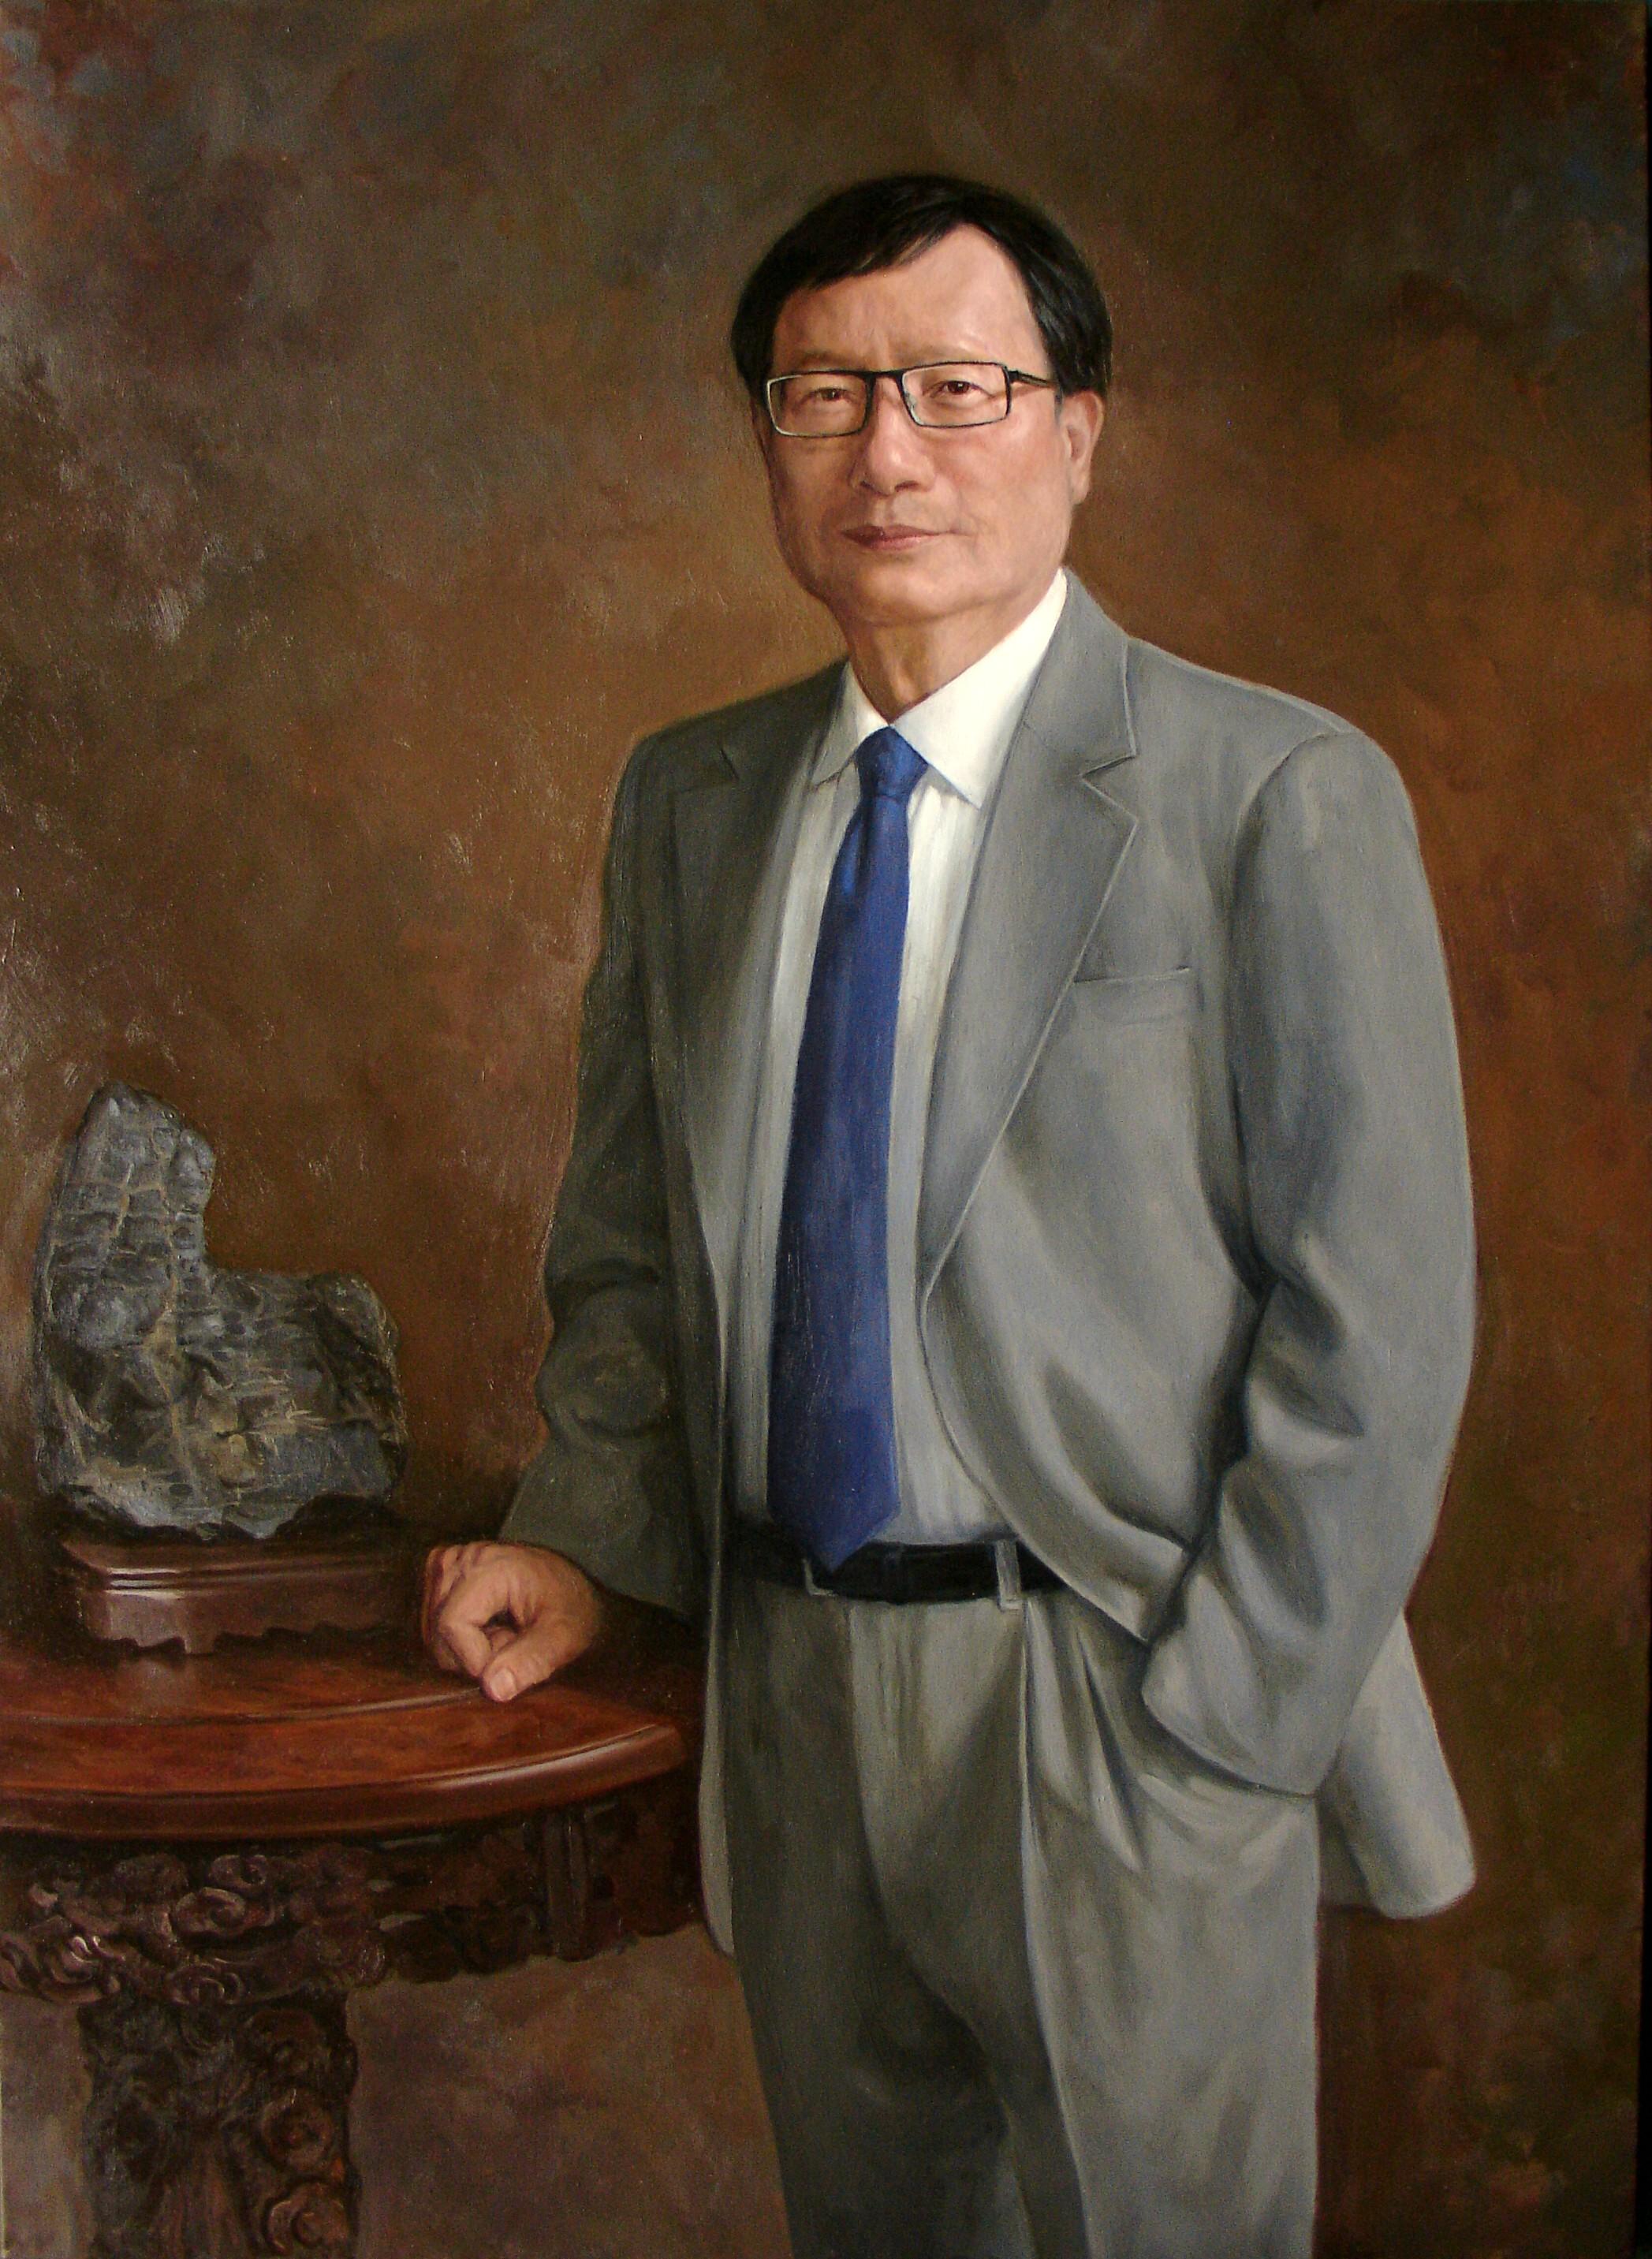 Dr. Lanbo Chen